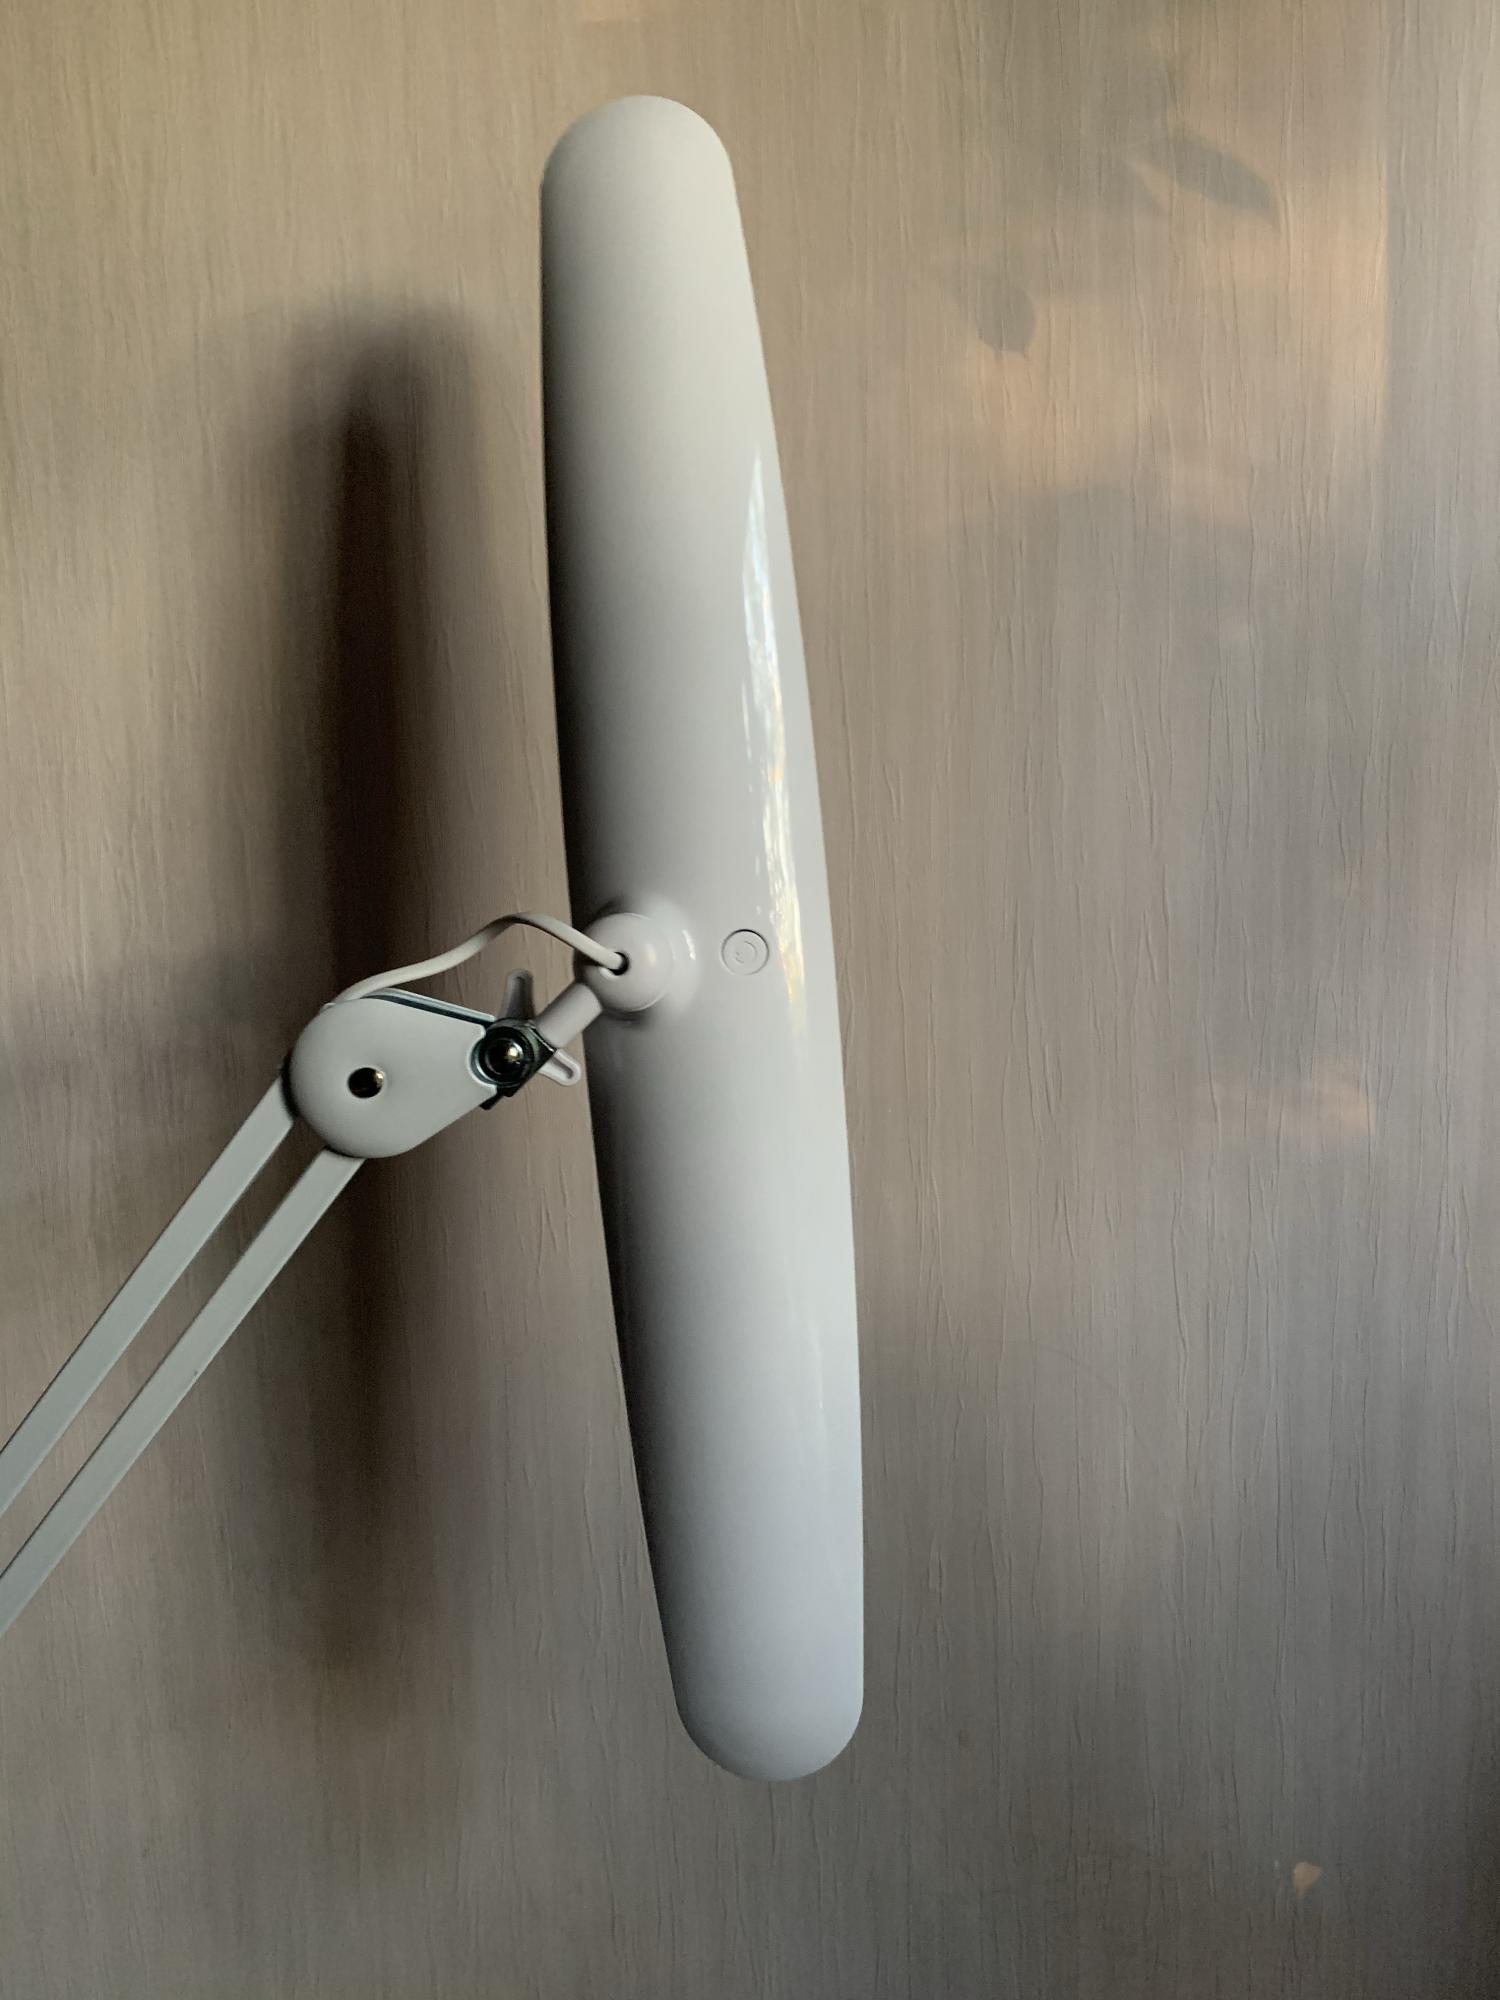 Светодиодная лампа для наращивания ресниц 182диода в Москве 89777071730 купить 3